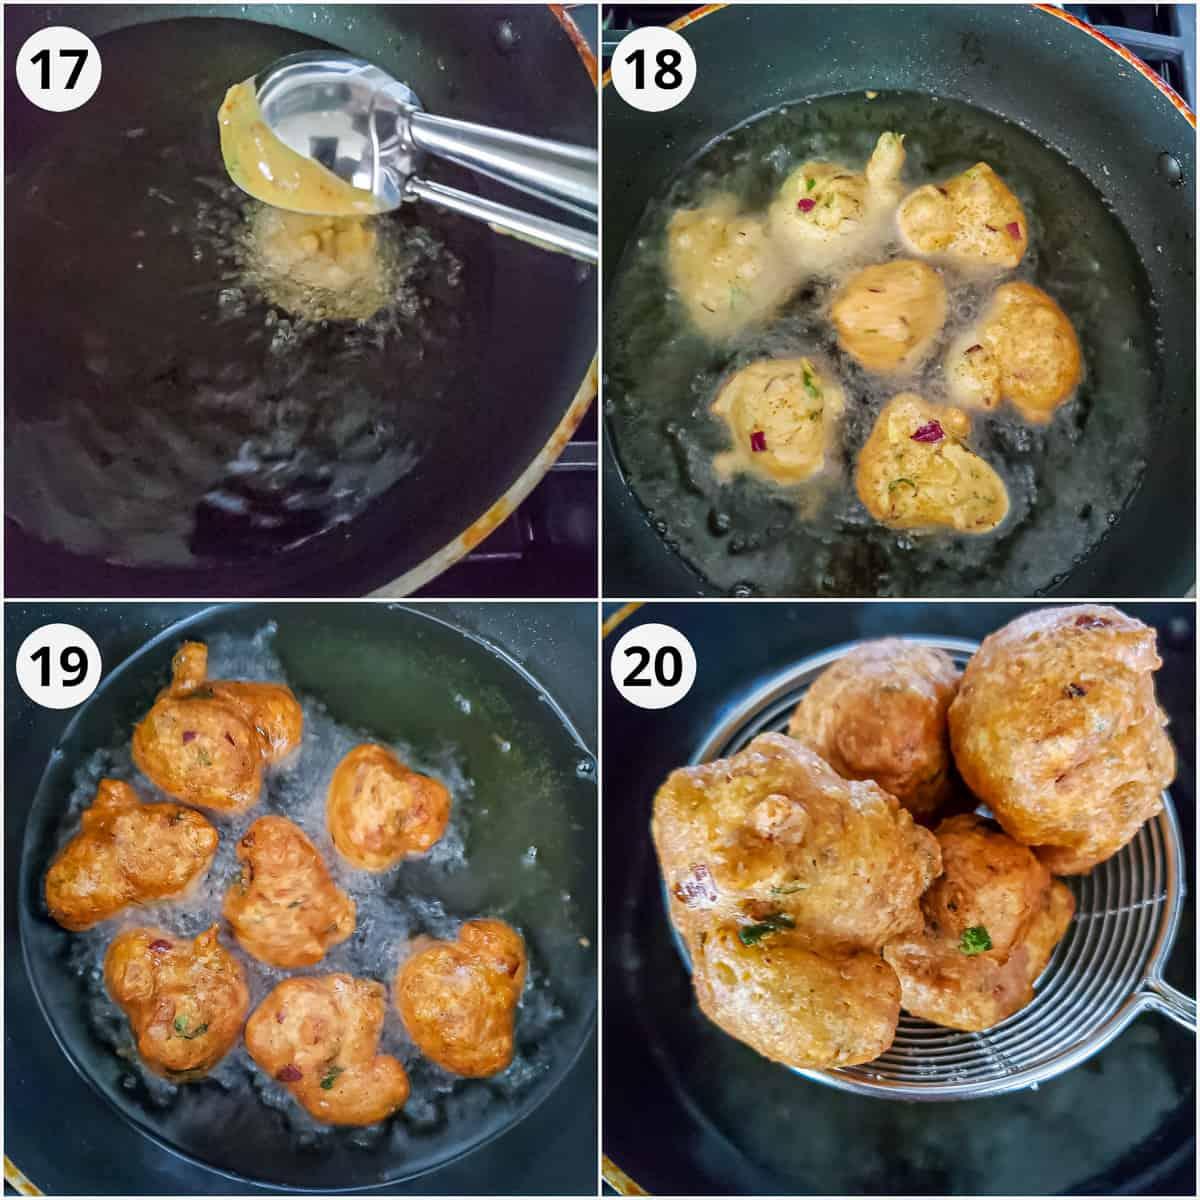 Frying the pakora for kadhi until golden brown